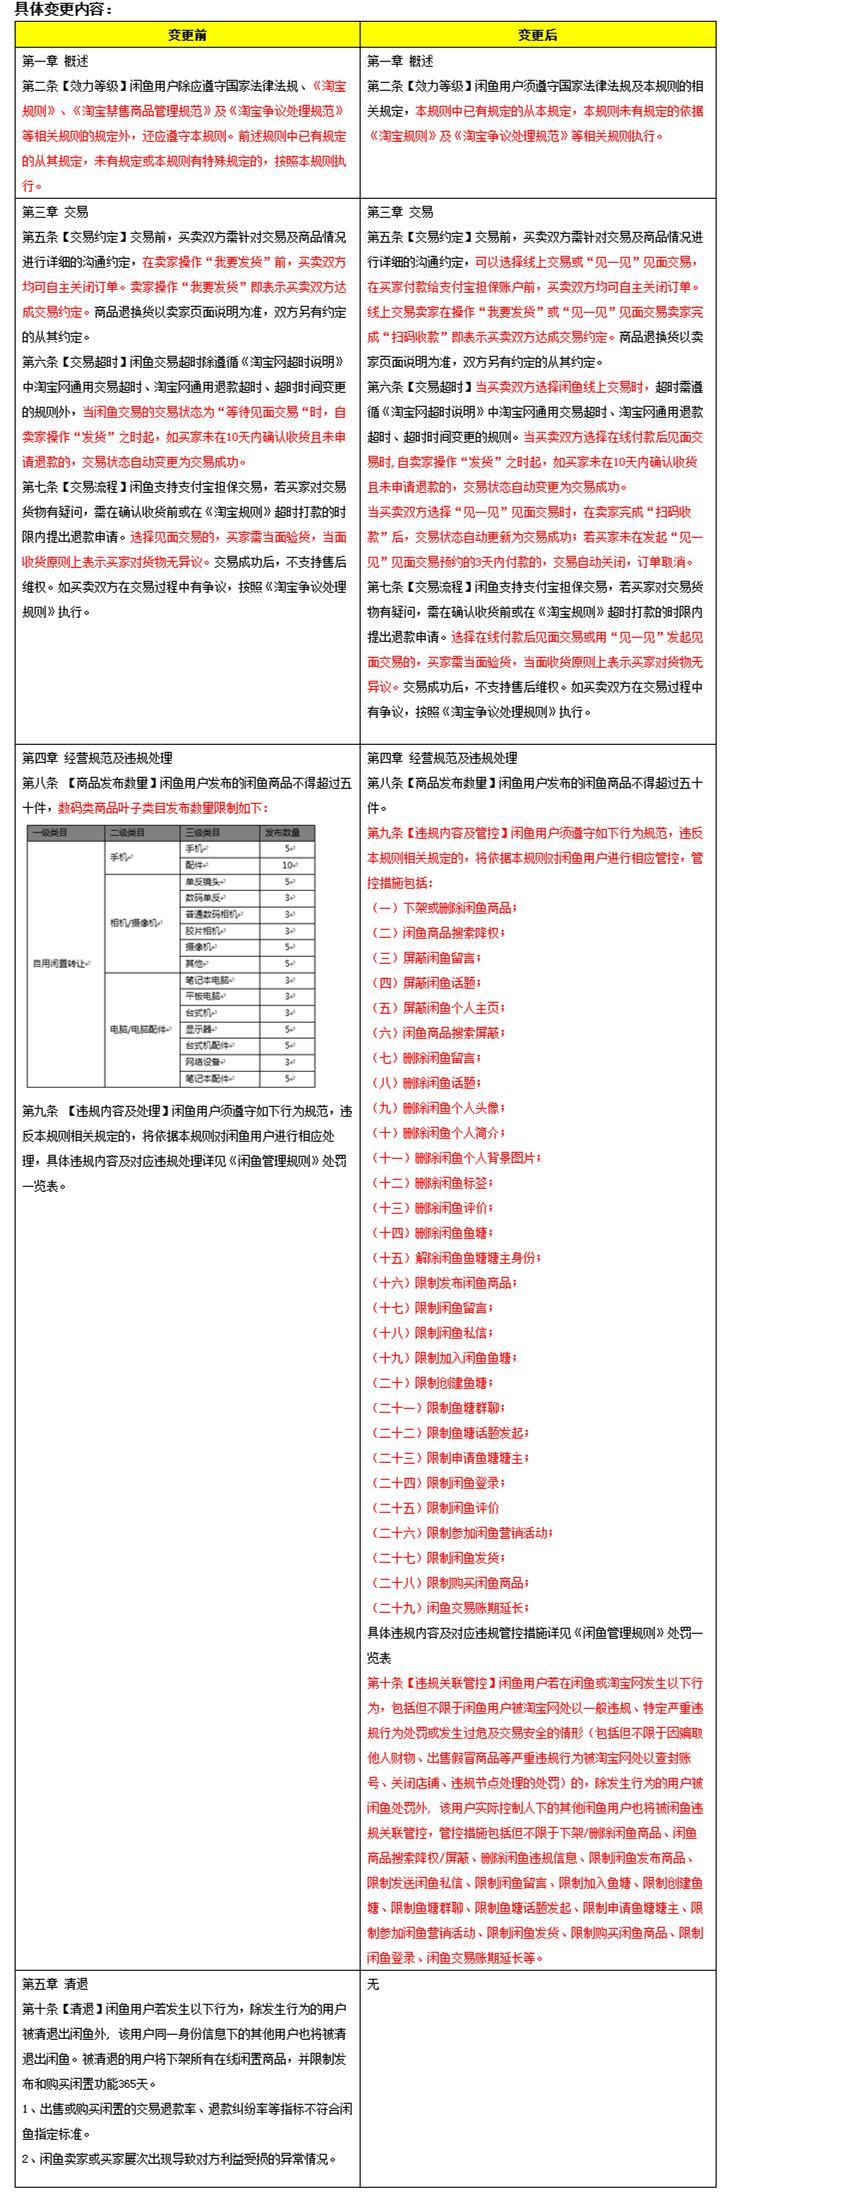 淘宝规则_副本1.png